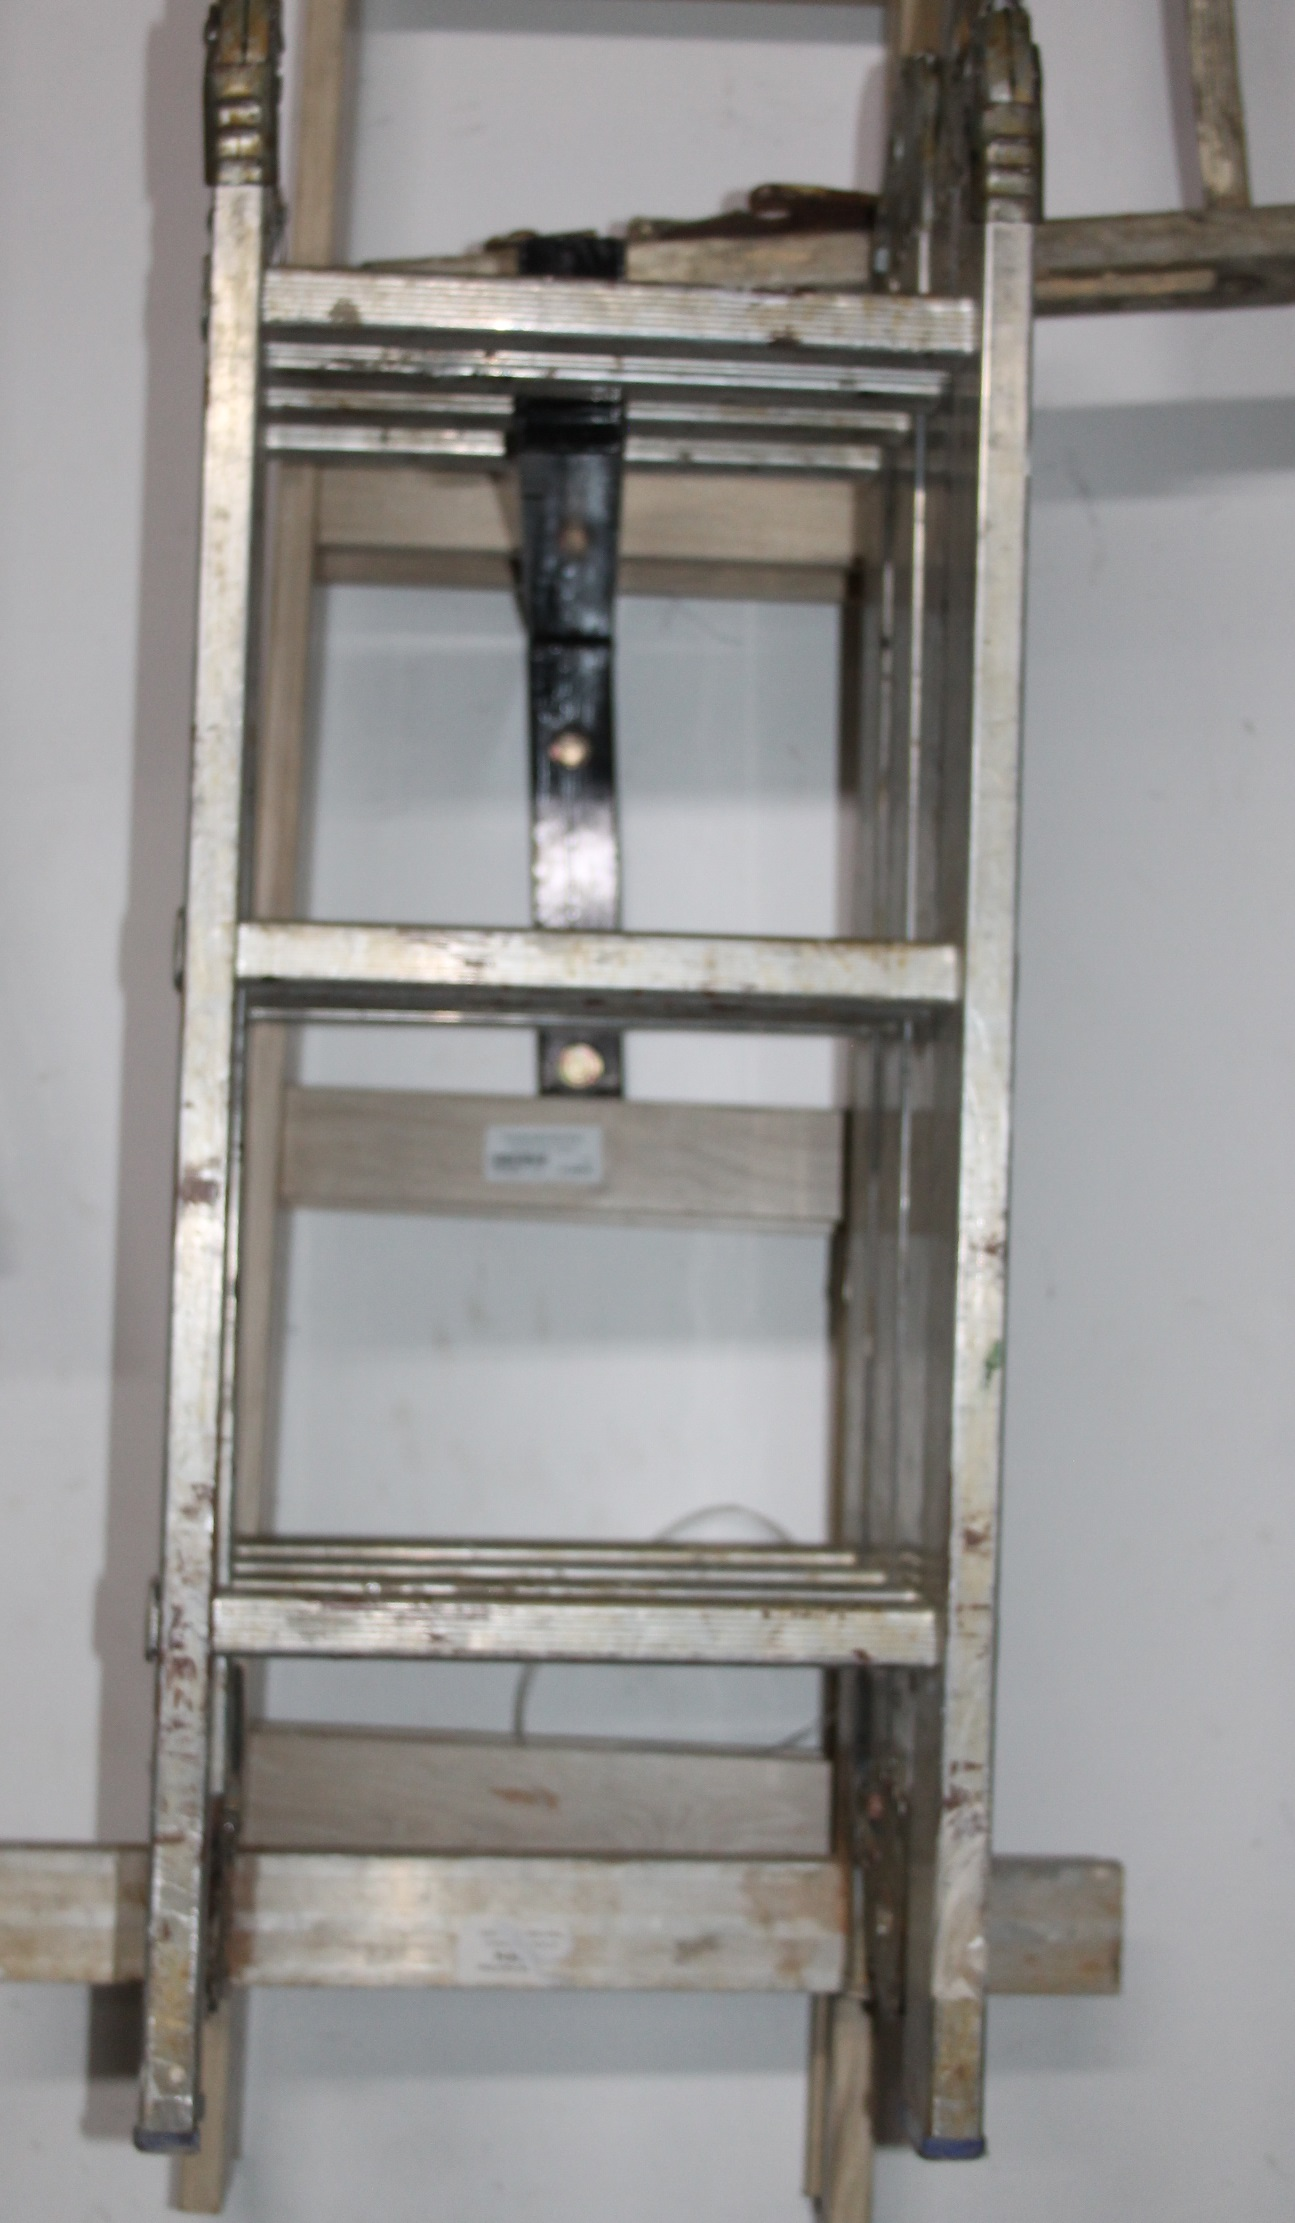 Fold up step ladder S032985A #Rosettenvillepawnshop